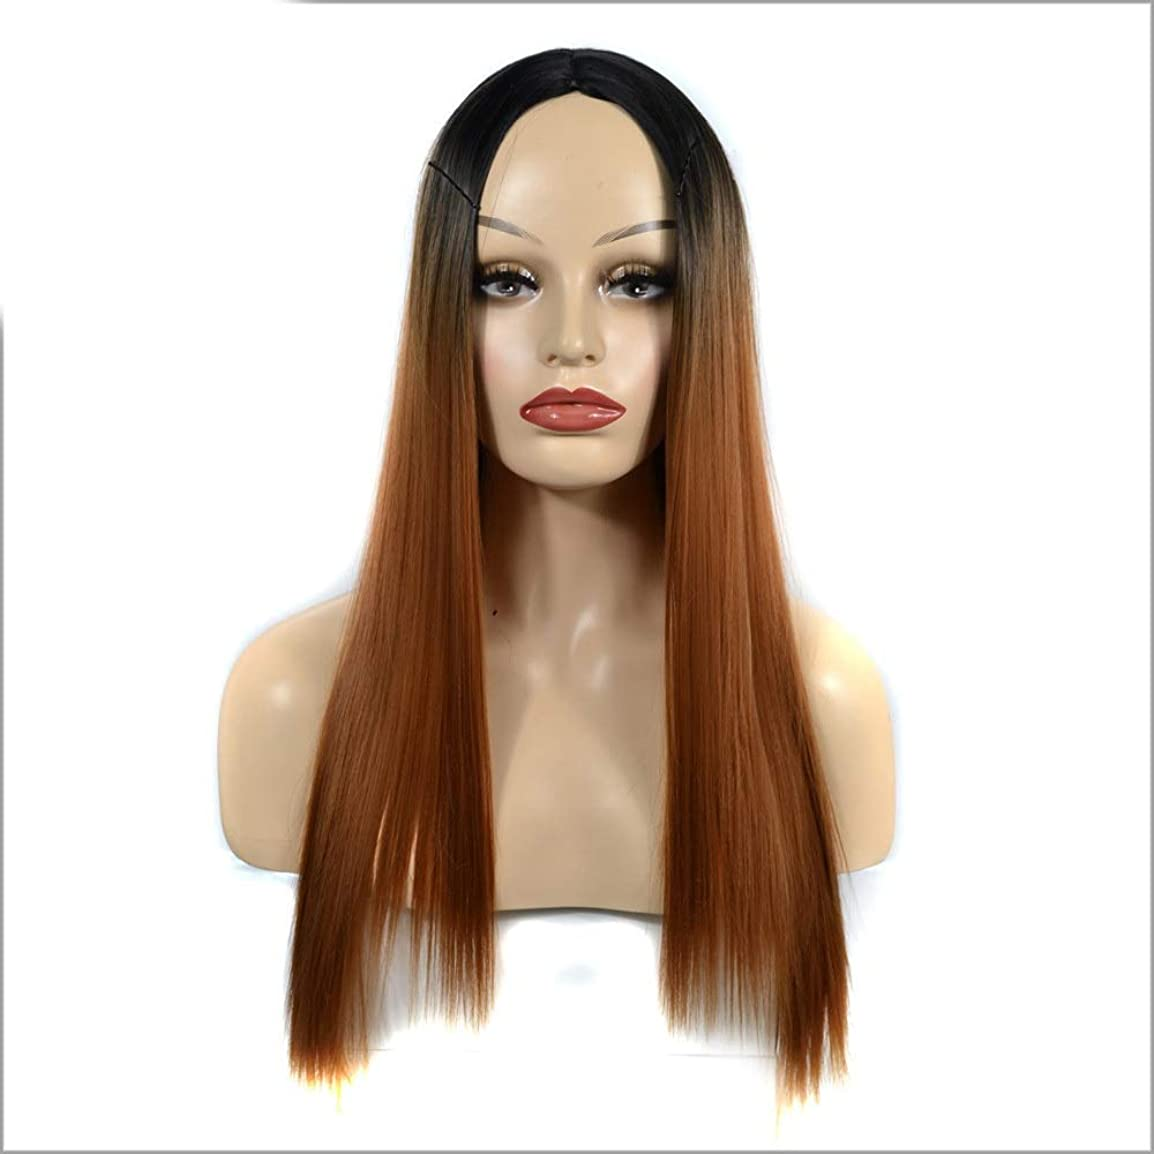 解釈する勉強する不規則性HOHYLLYA ダークブラウンオンブルロングストレートウィッグ女性用中部かつらダークルーツ耐熱ウィッグパーティーウィッグ (色 : Dark brown, サイズ : 60cm)